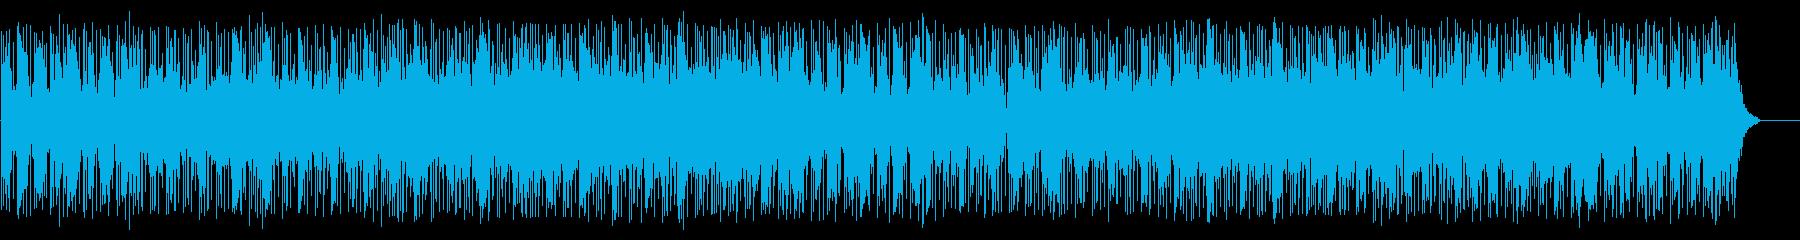 クルーズする優雅なポップ(フルサイズ)の再生済みの波形